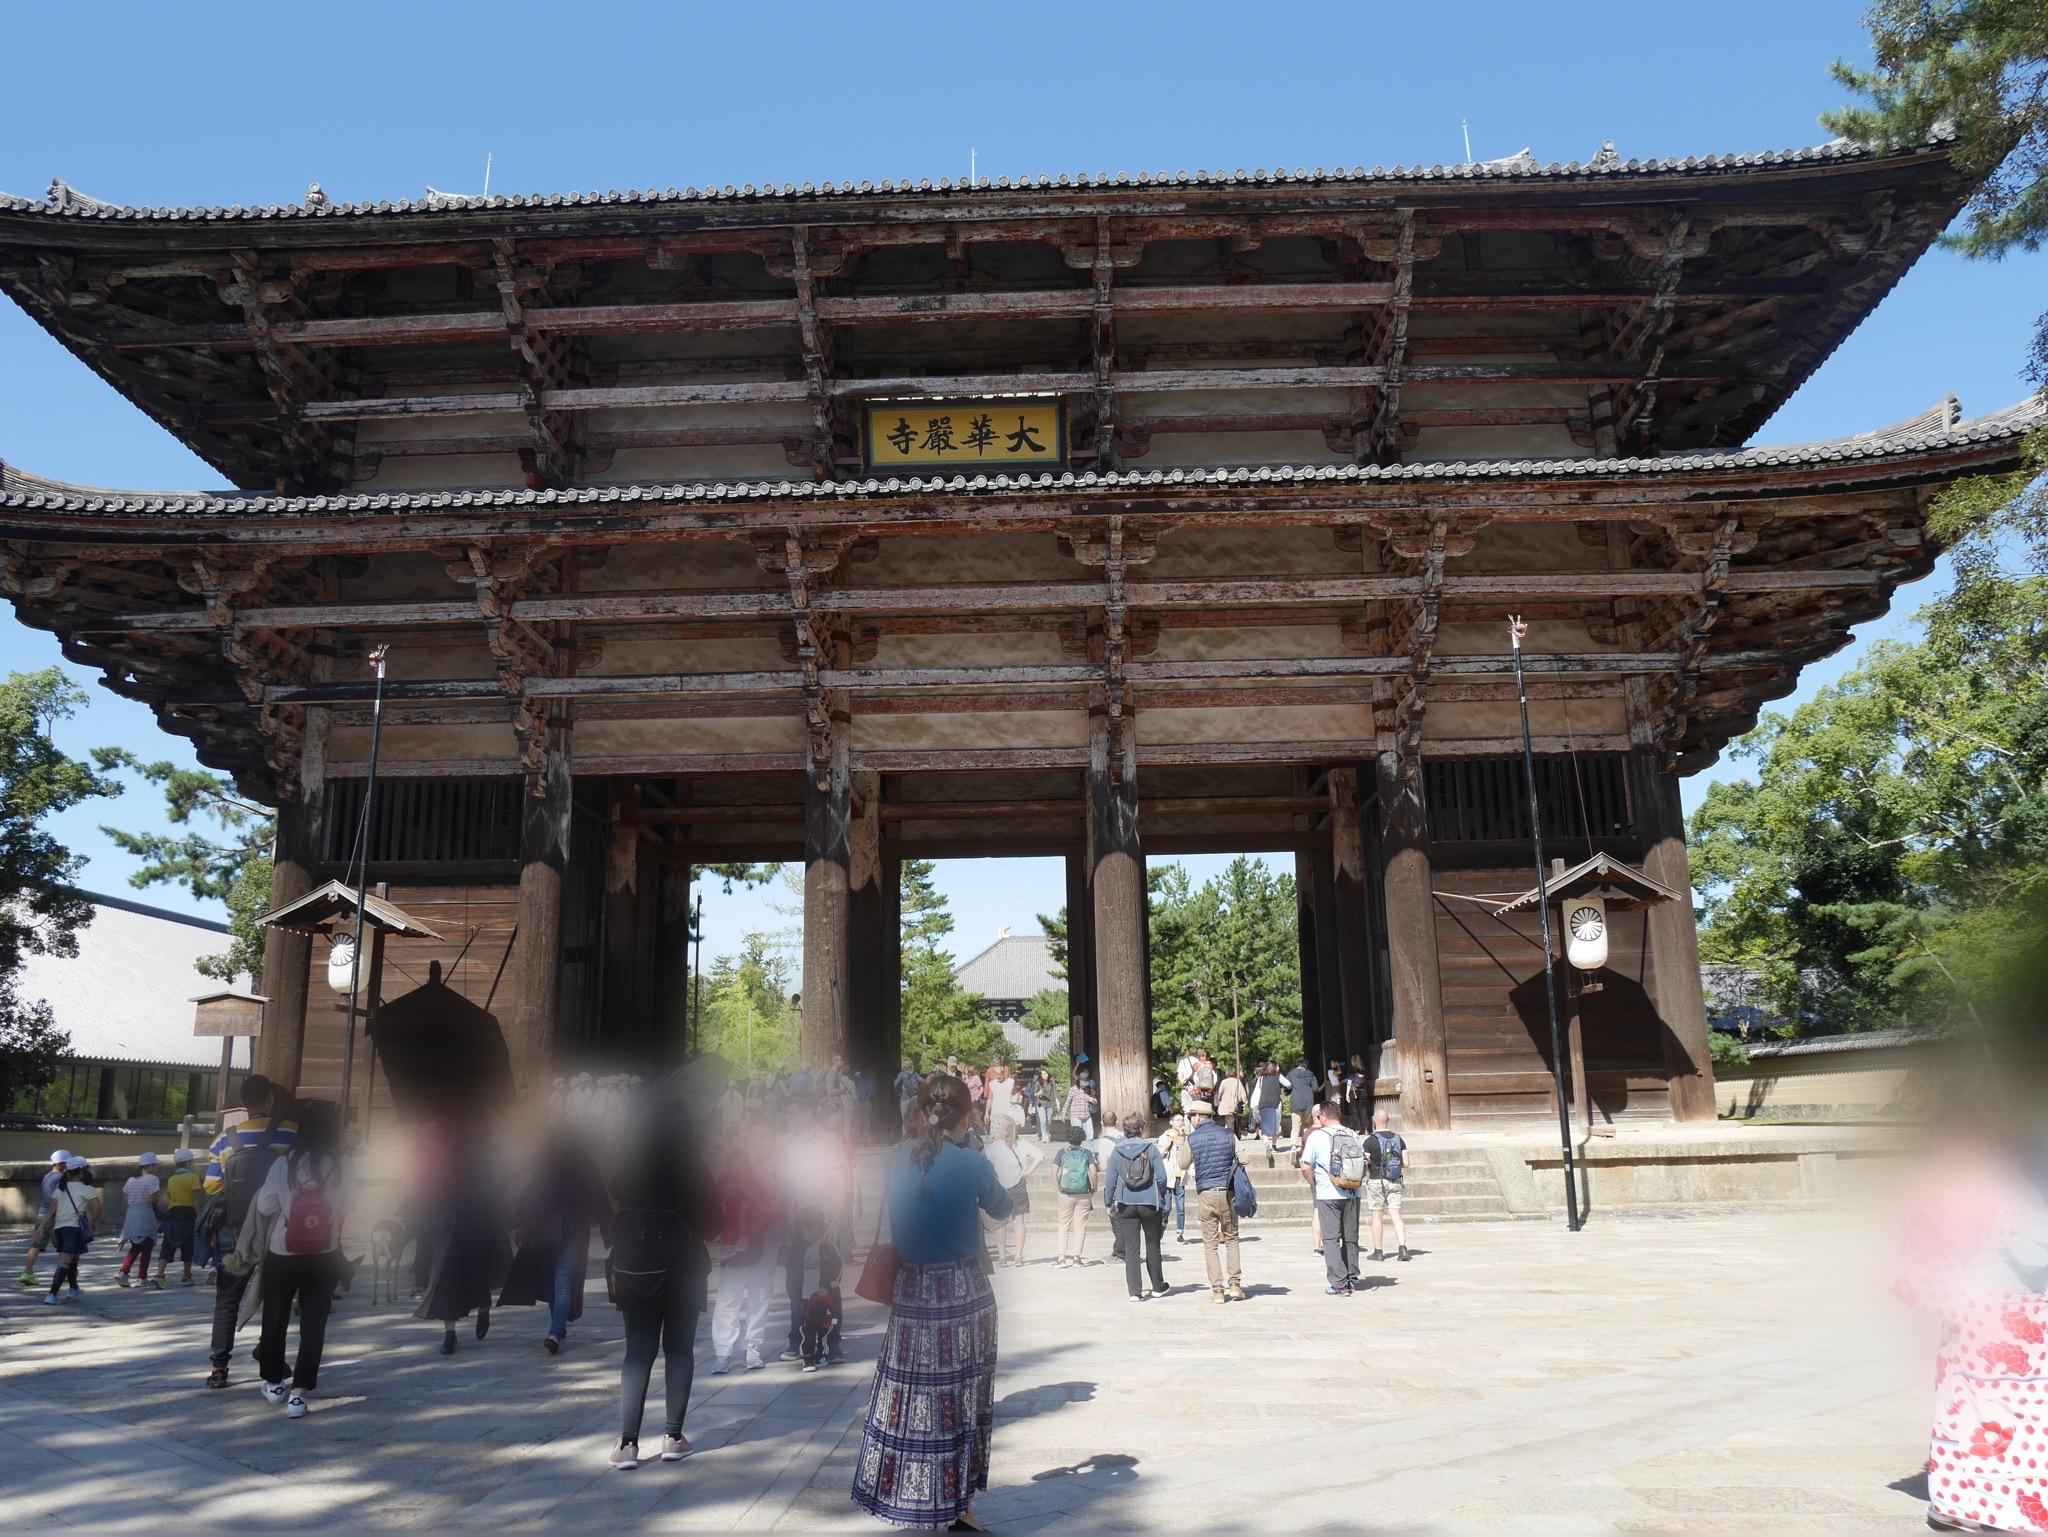 奈良東大寺の南大門!木造でとにかく大きい